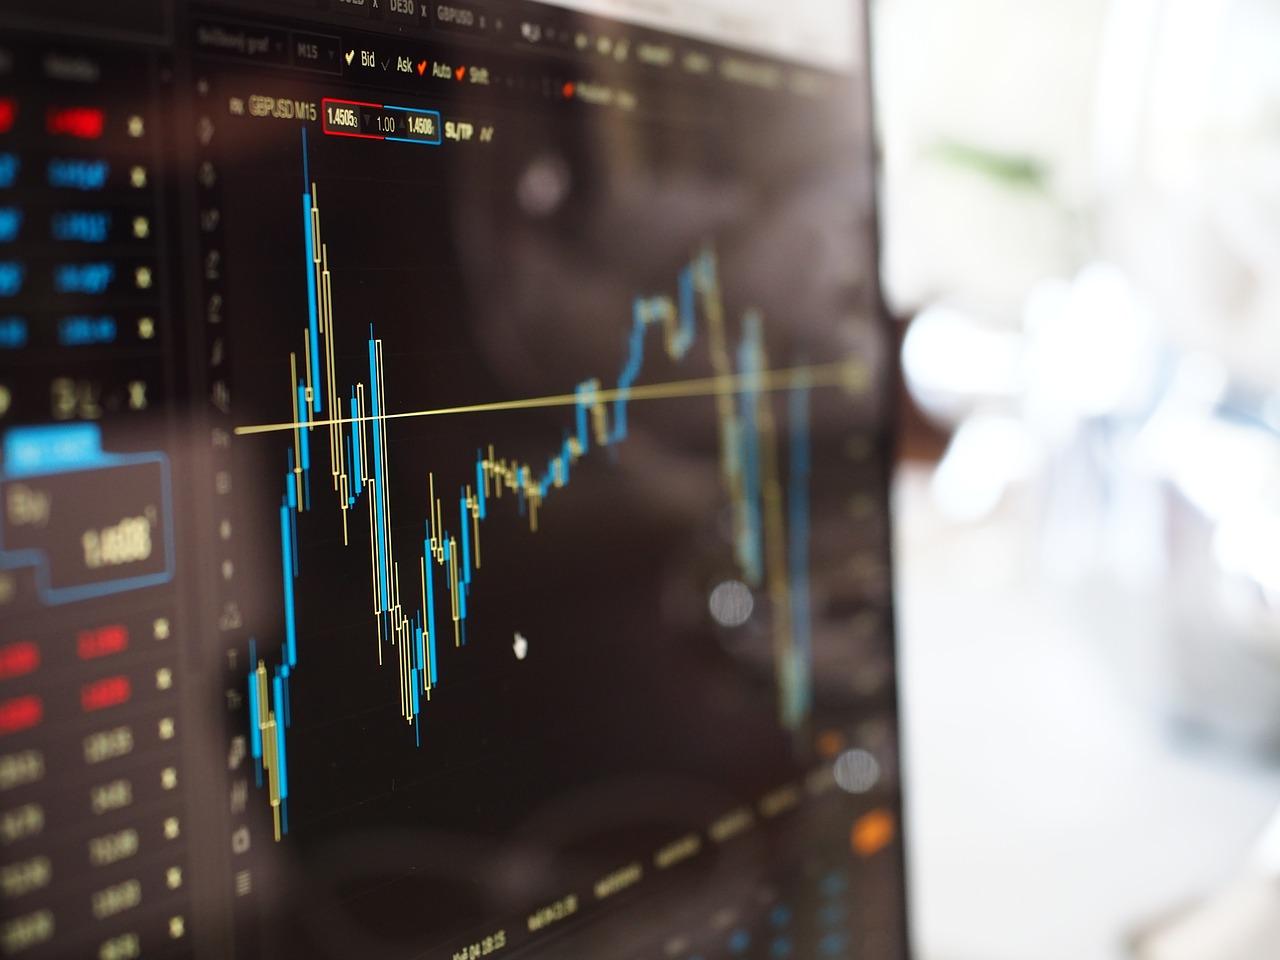 Kryptowährung Trading & Investing Tools und Ressourcen Bild